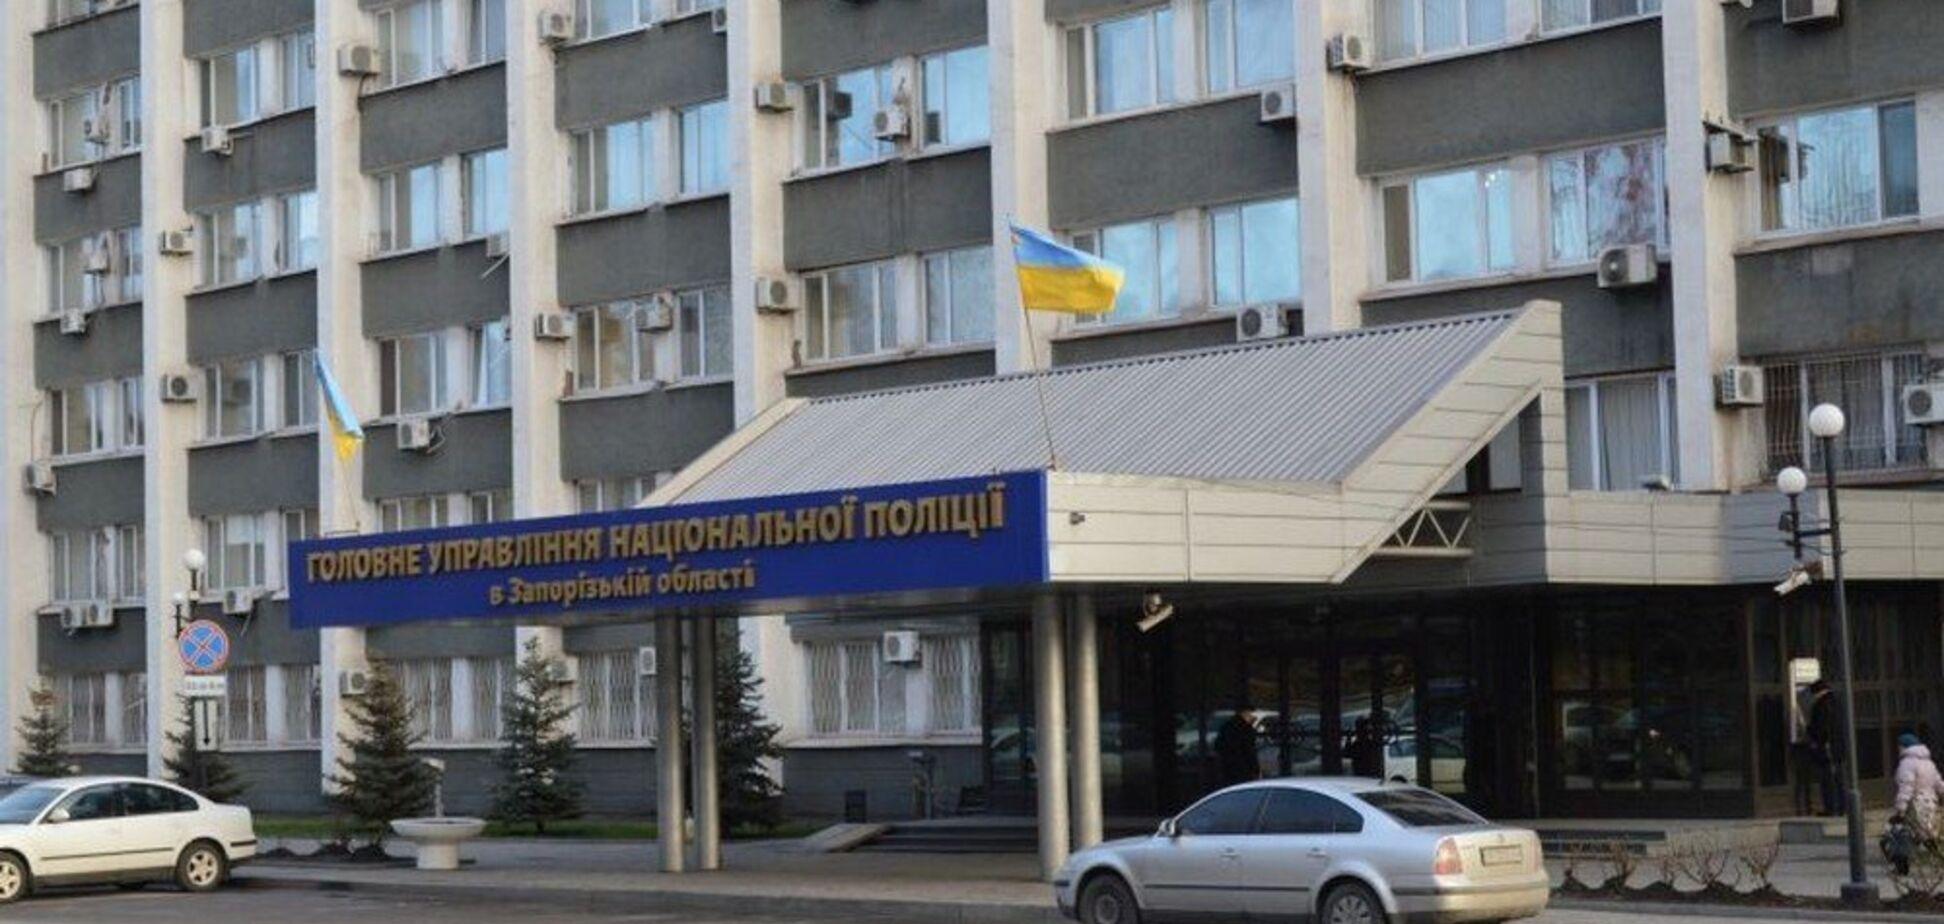 ГПУ нагрянула с обысками к полицейской 'верхушке' Запорожья